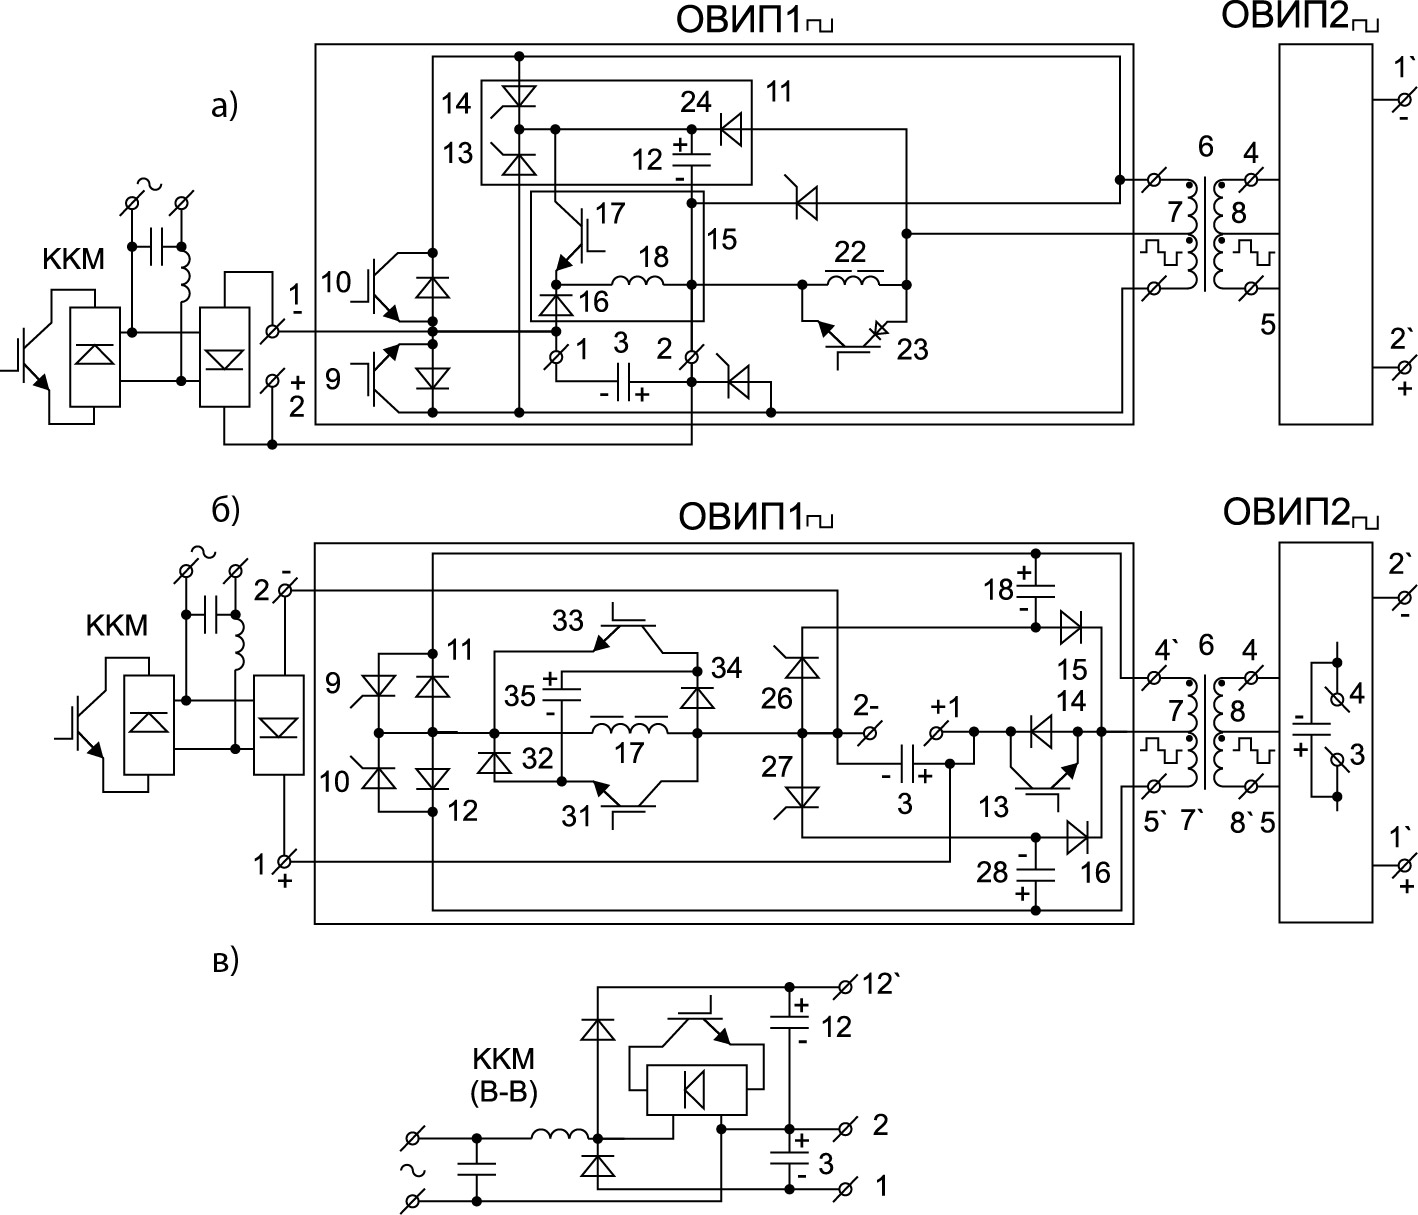 Многофункциональные импульсные преобразователи с промежуточным звеном высокой частоты (СЭБ-ВИТ) на базе двух ОВИП с накопительным реактором